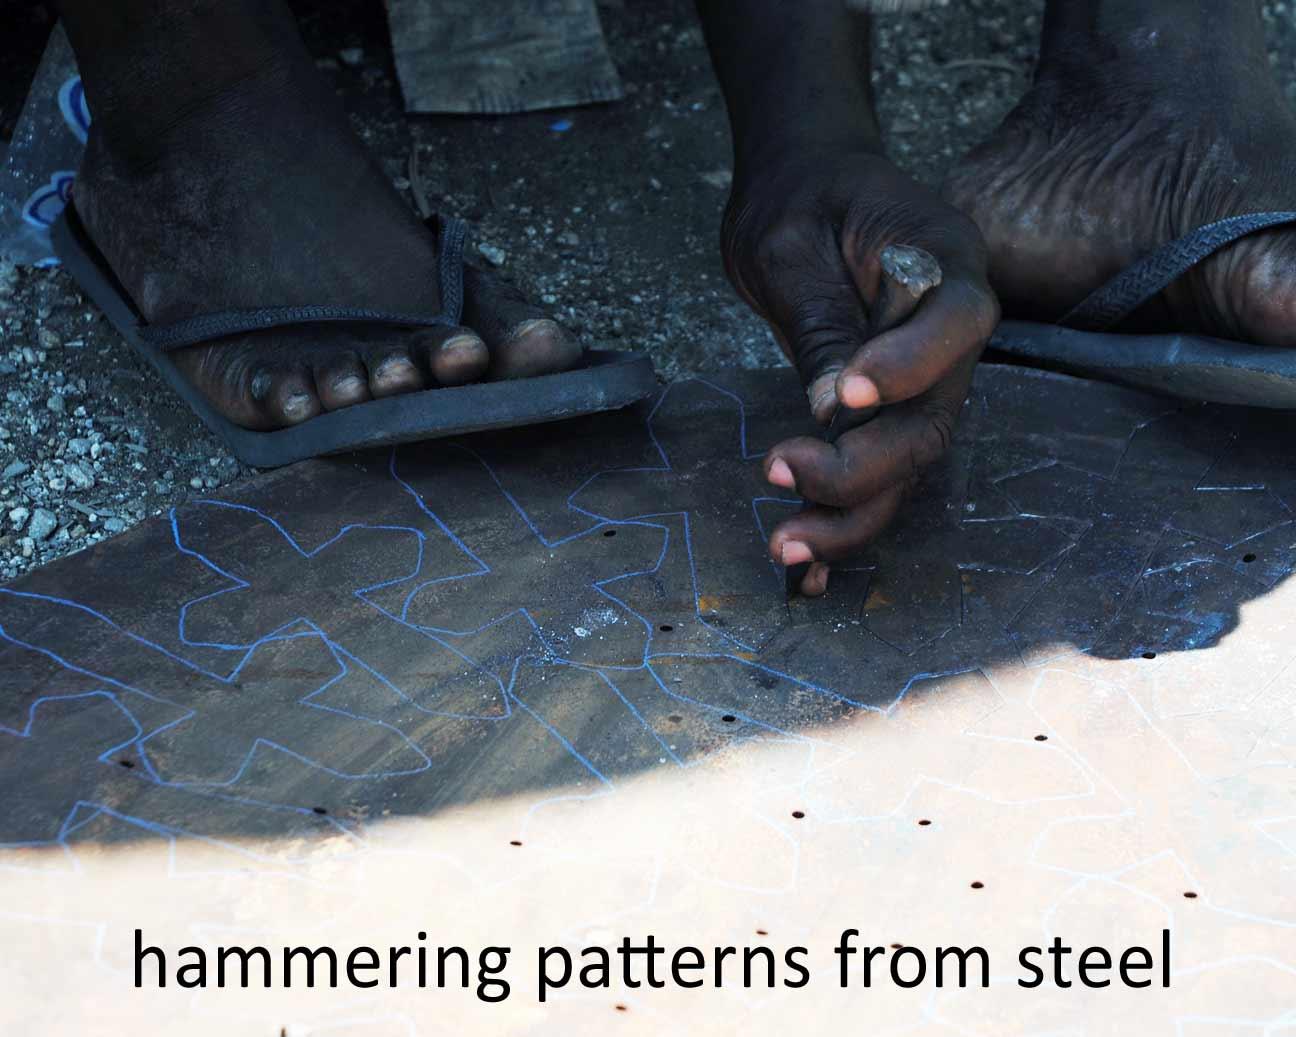 hammering patterns